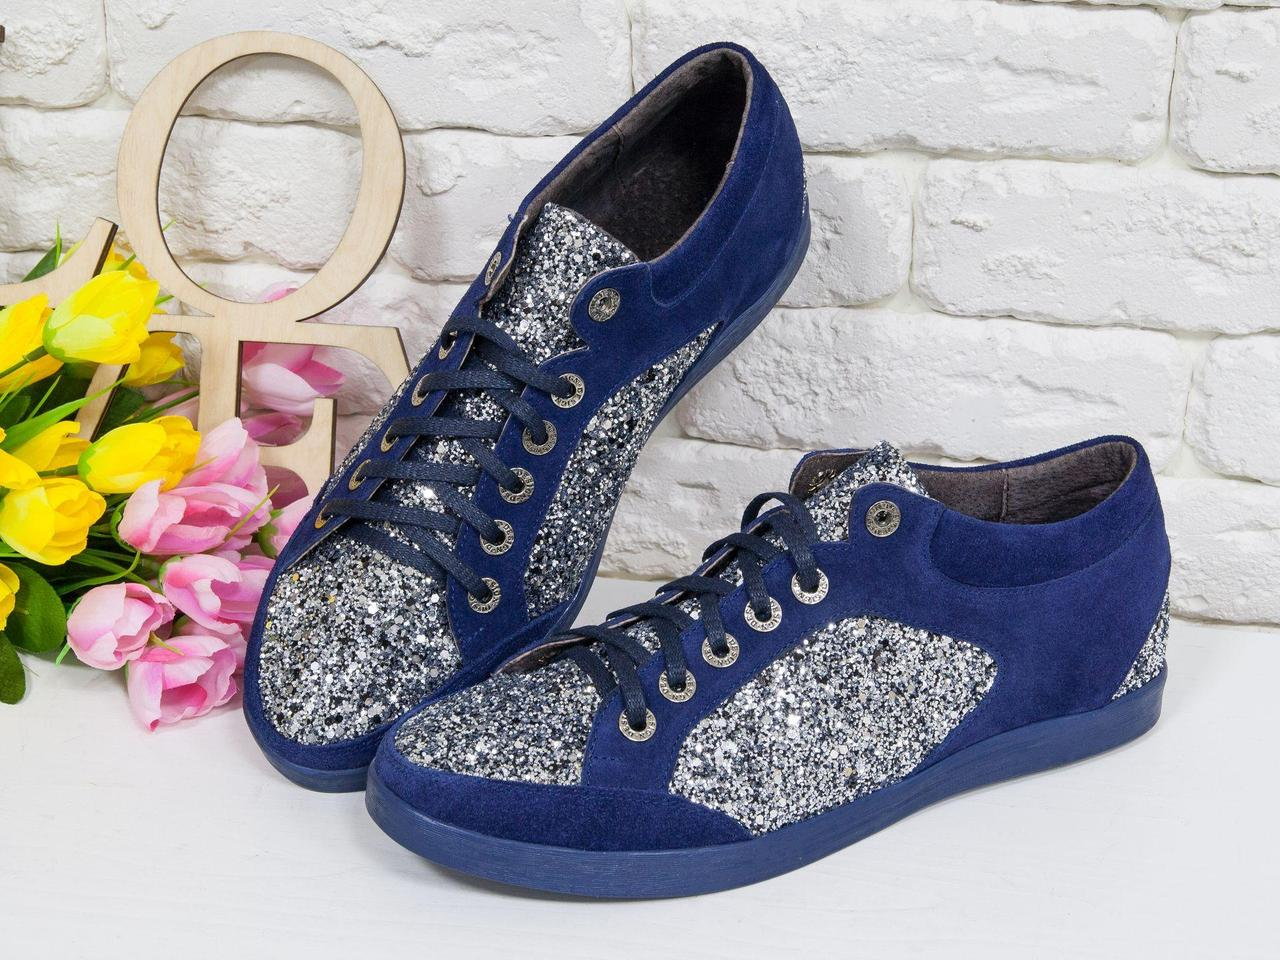 Блестящие Кеды из натуральной замши синего цвета в комбинации с блестками серебряного цвета на текстильной основе и прорезиненной синей подошвой,